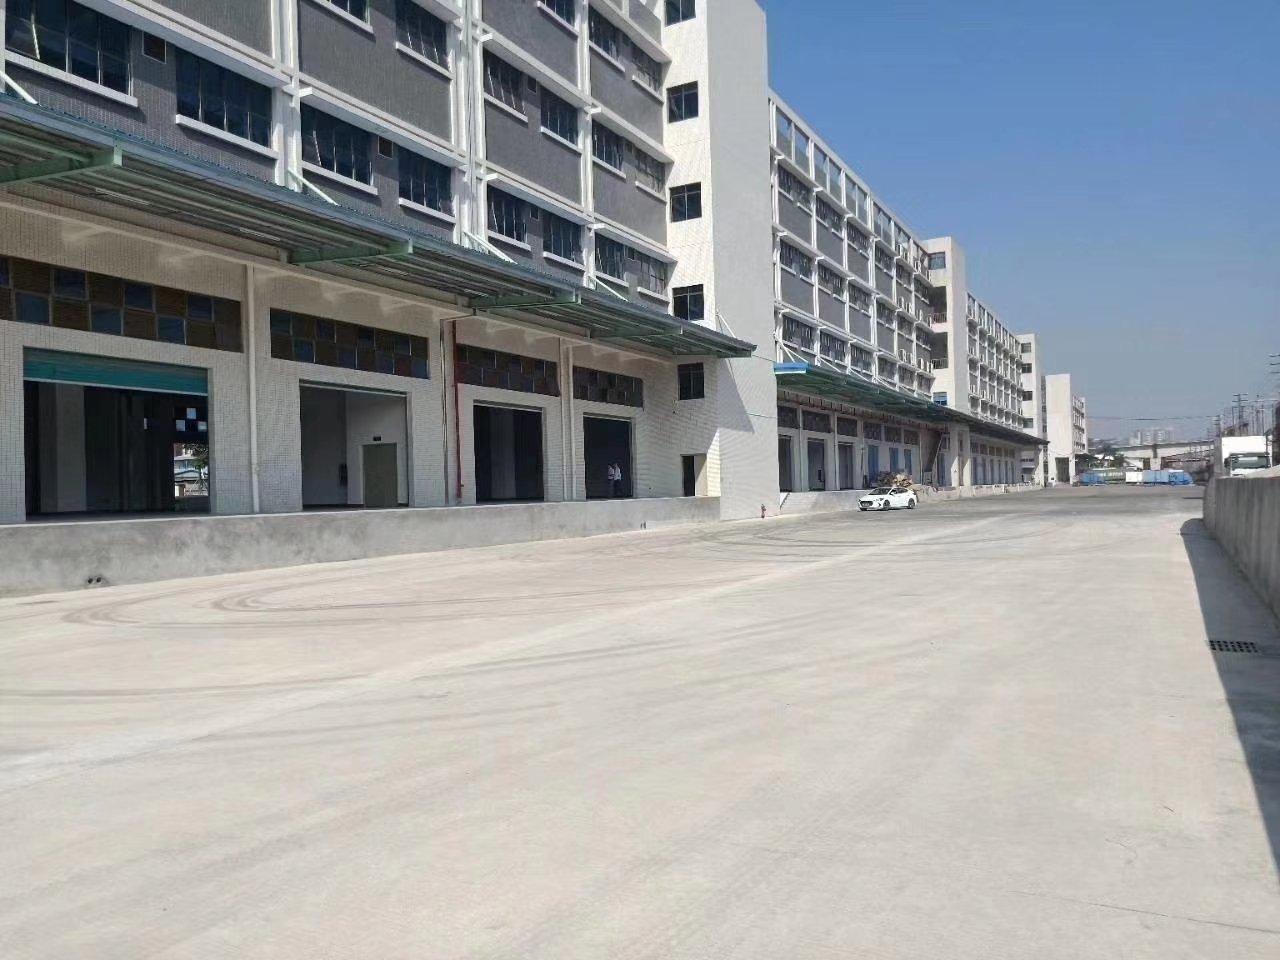 双面货台的物流仓库厂房20000平米招租